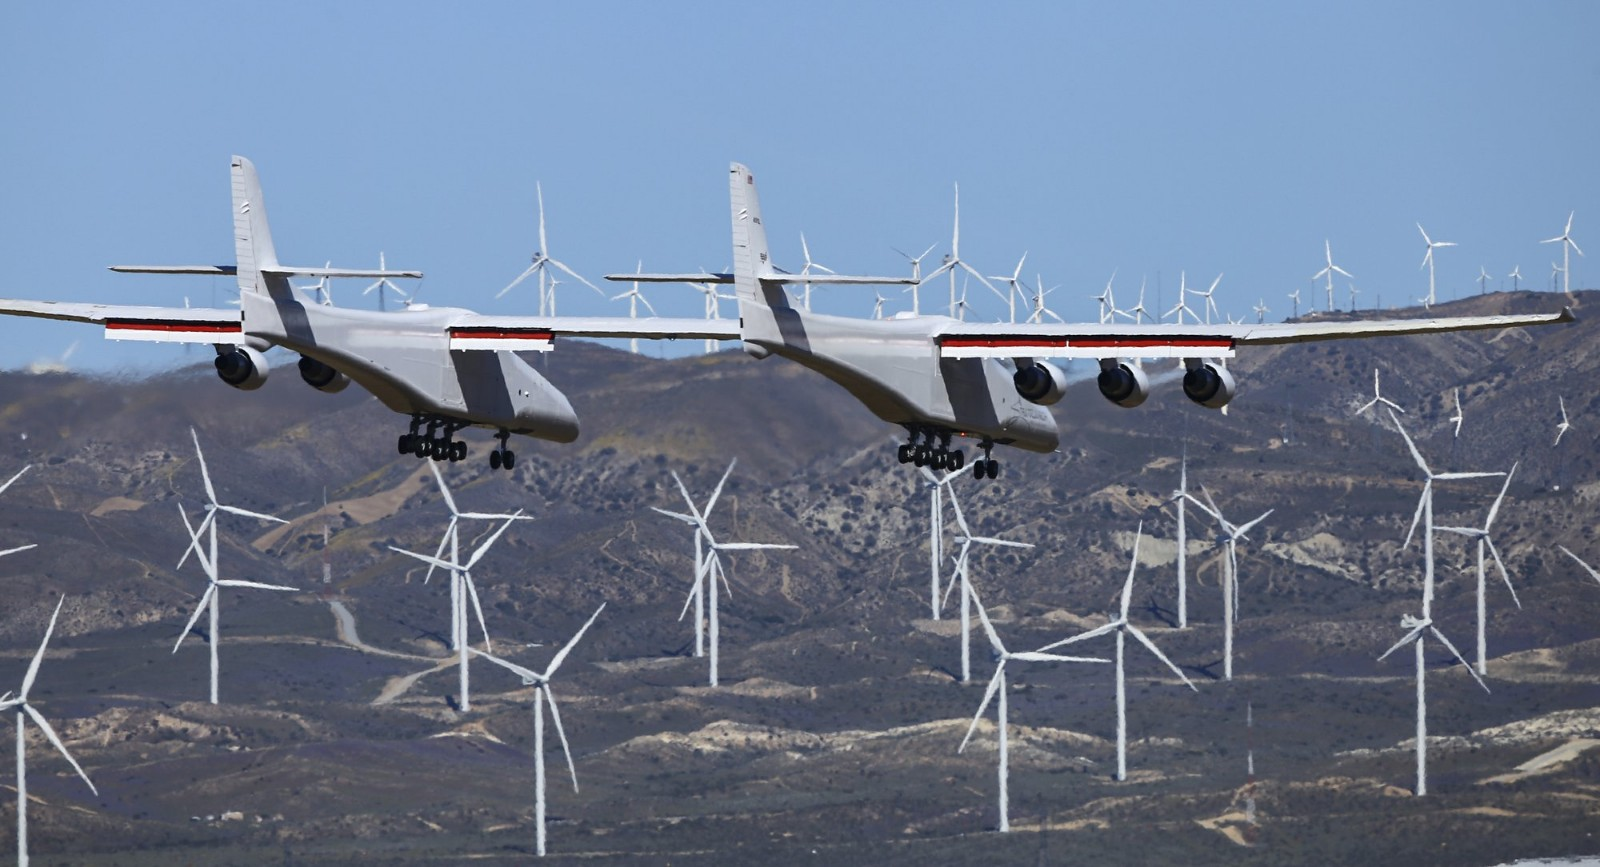 拥有世界最长翼展飞机首飞成功 六引擎可载三颗卫星火箭_图1-4